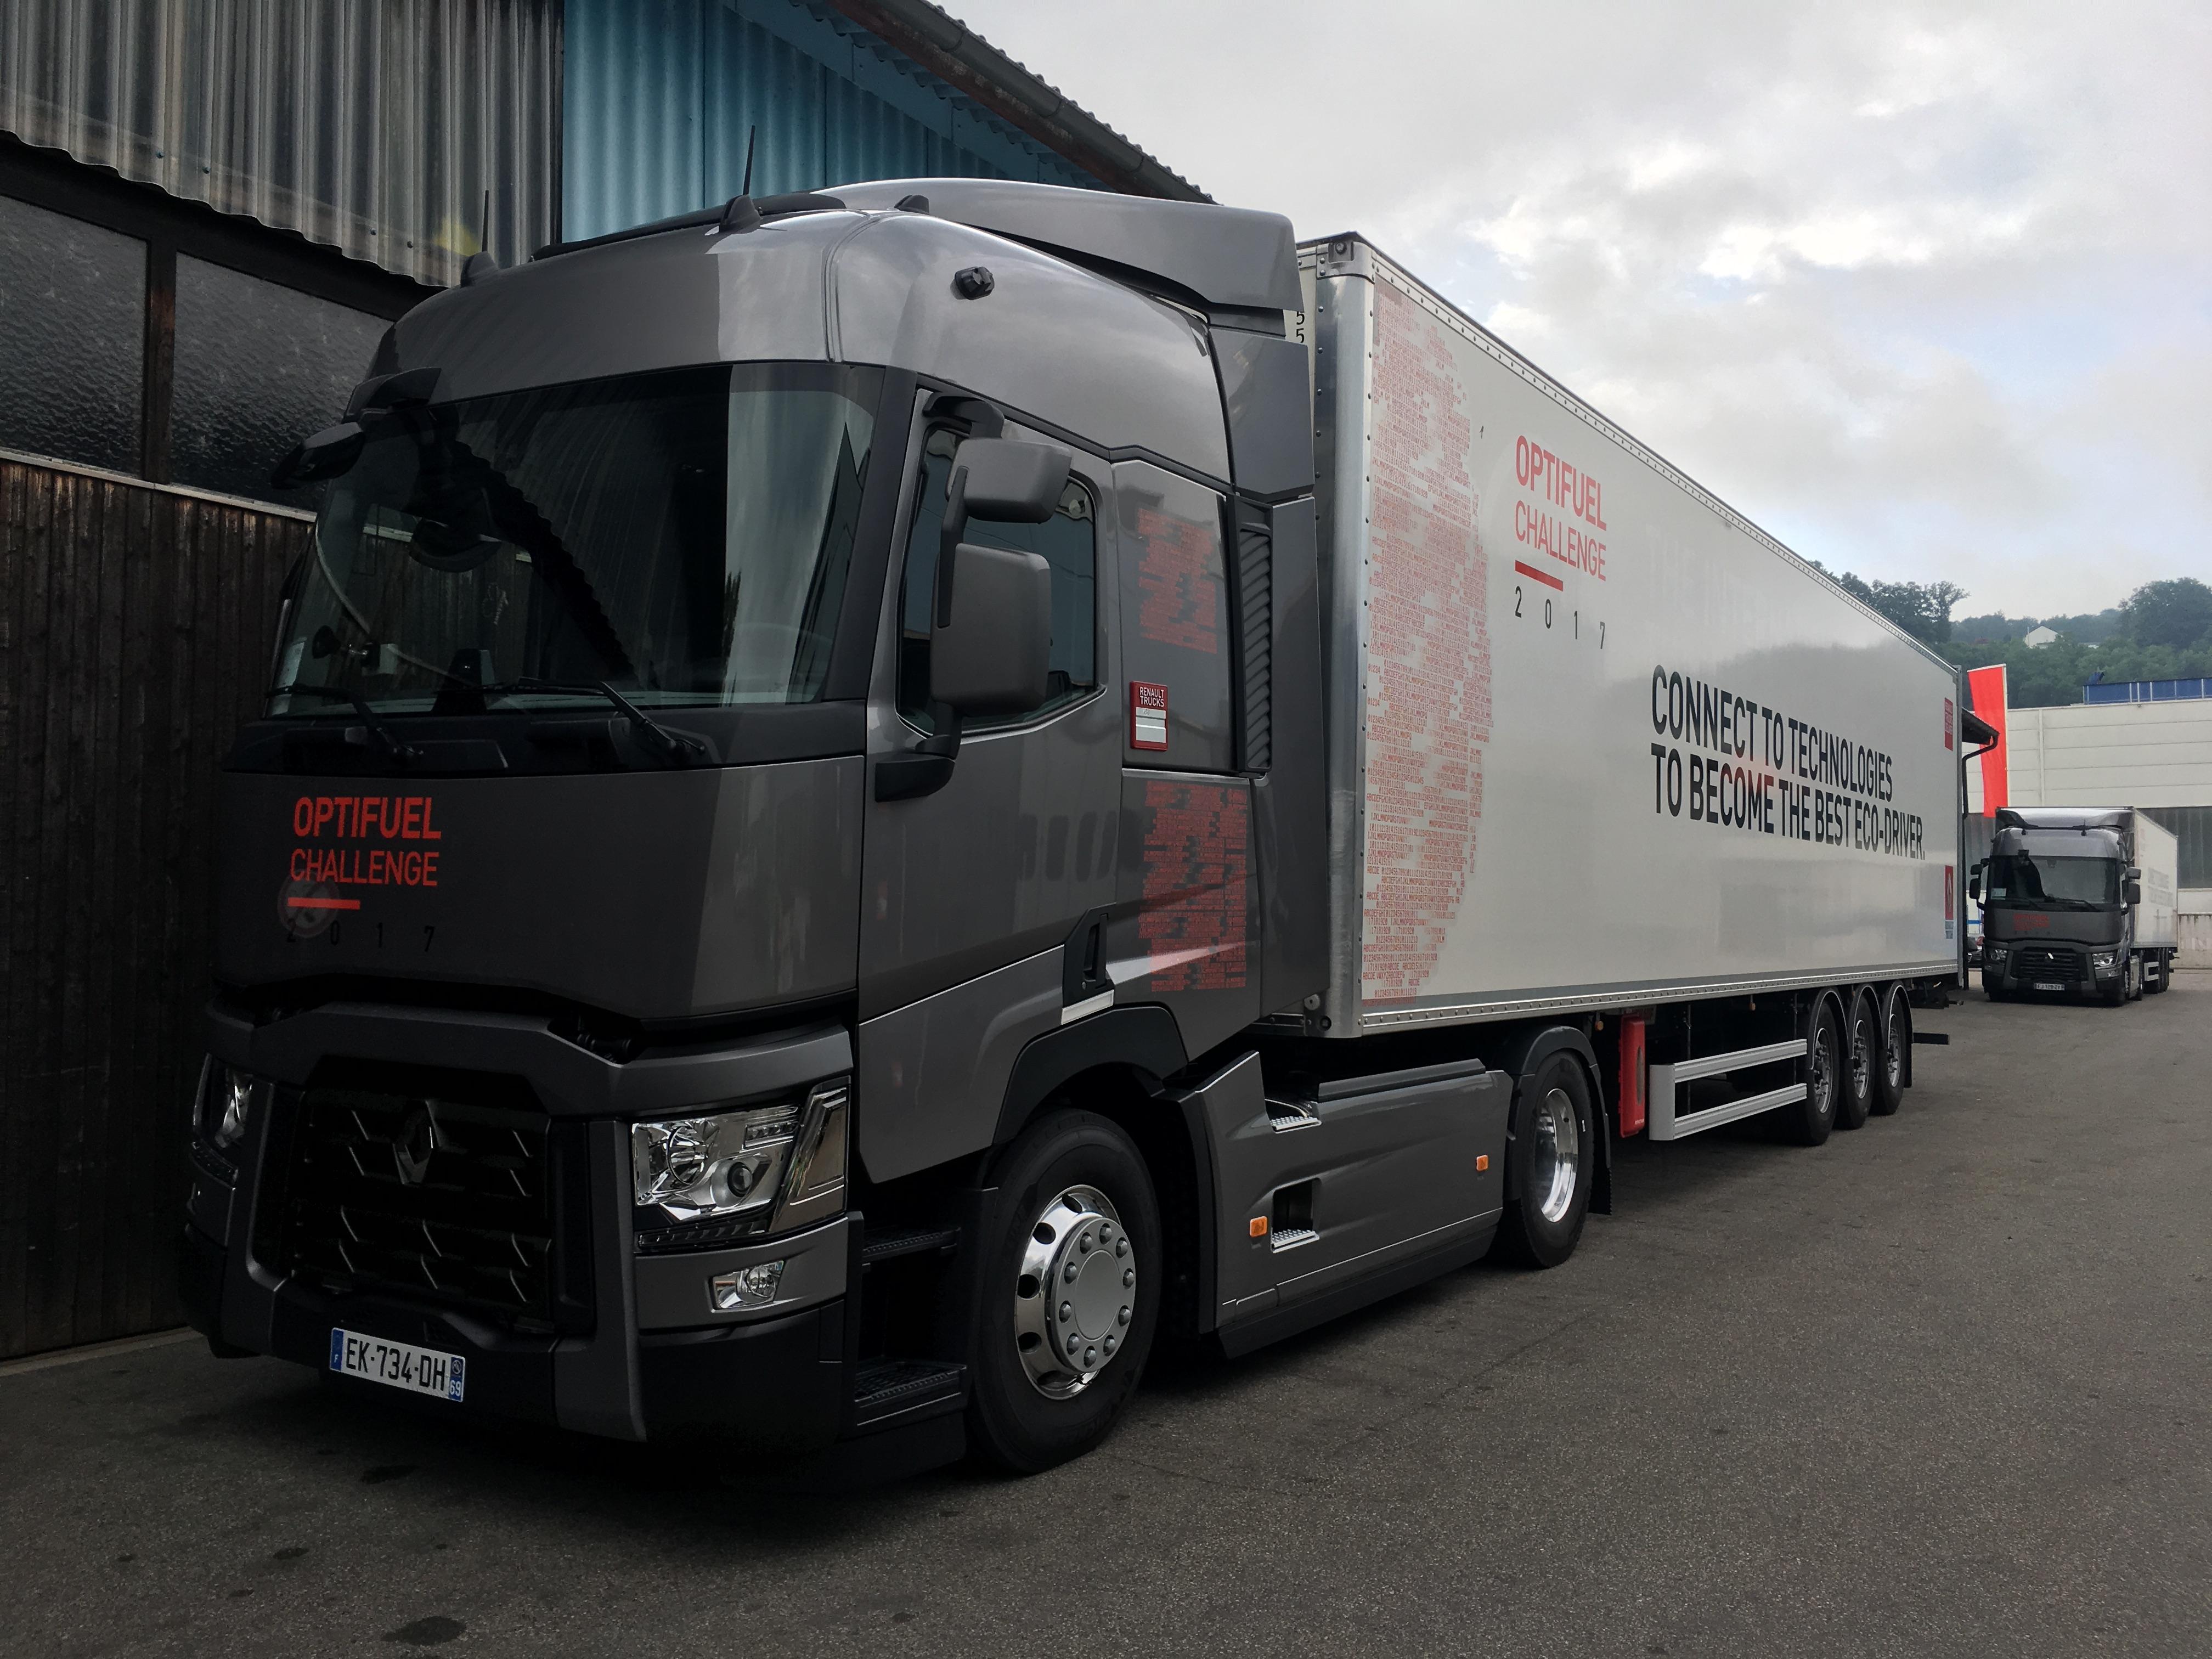 Renault Trucks Optifuel Challenge 2017